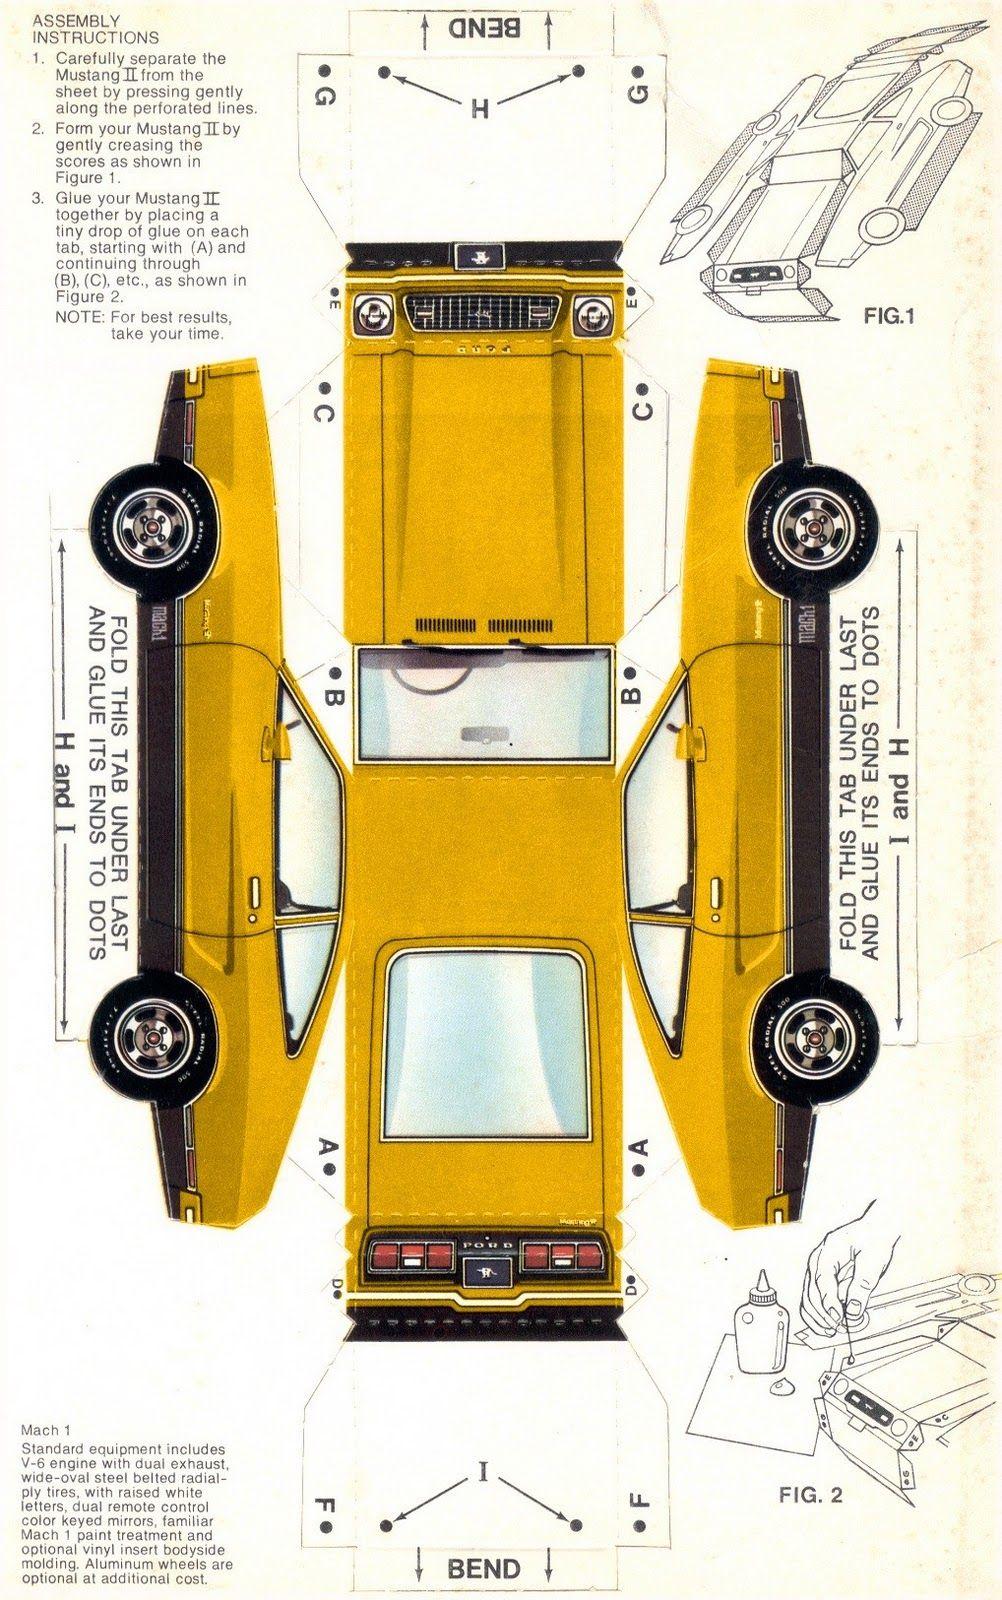 1974 00034 05 Jpg 1 002 1 600 Pixels Paper Car Paper Model Car